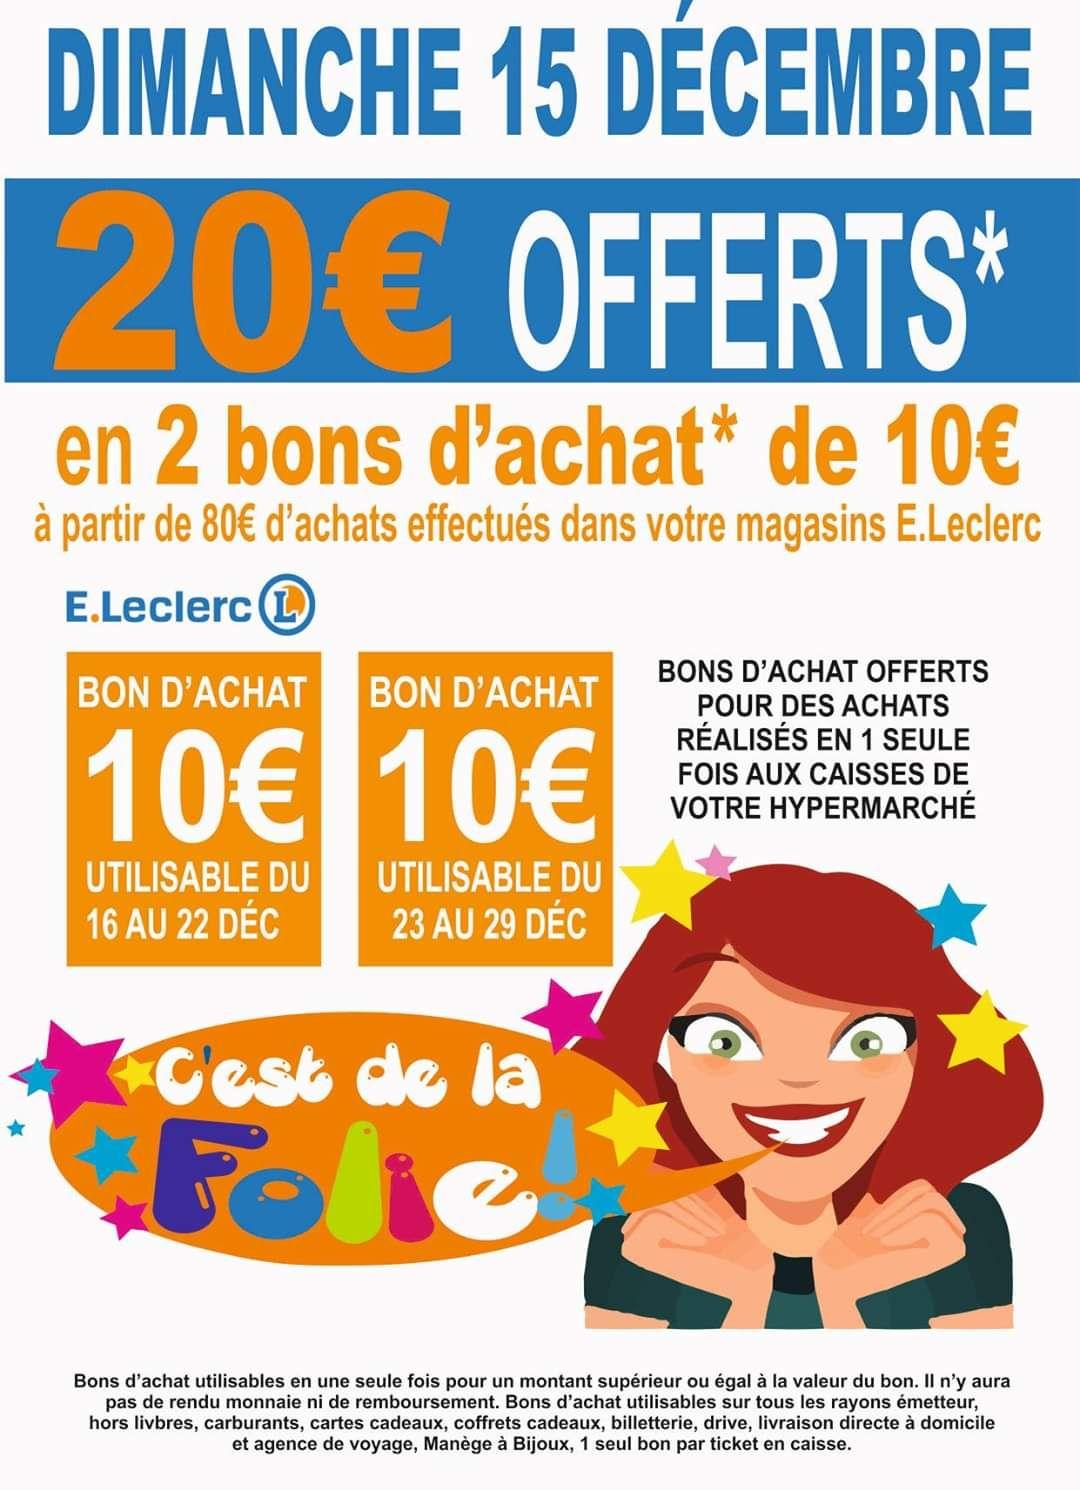 20€ offerts en 2 bons d'achats dès 80€ d'achat chez Leclerc - Saint-Dizier (52)